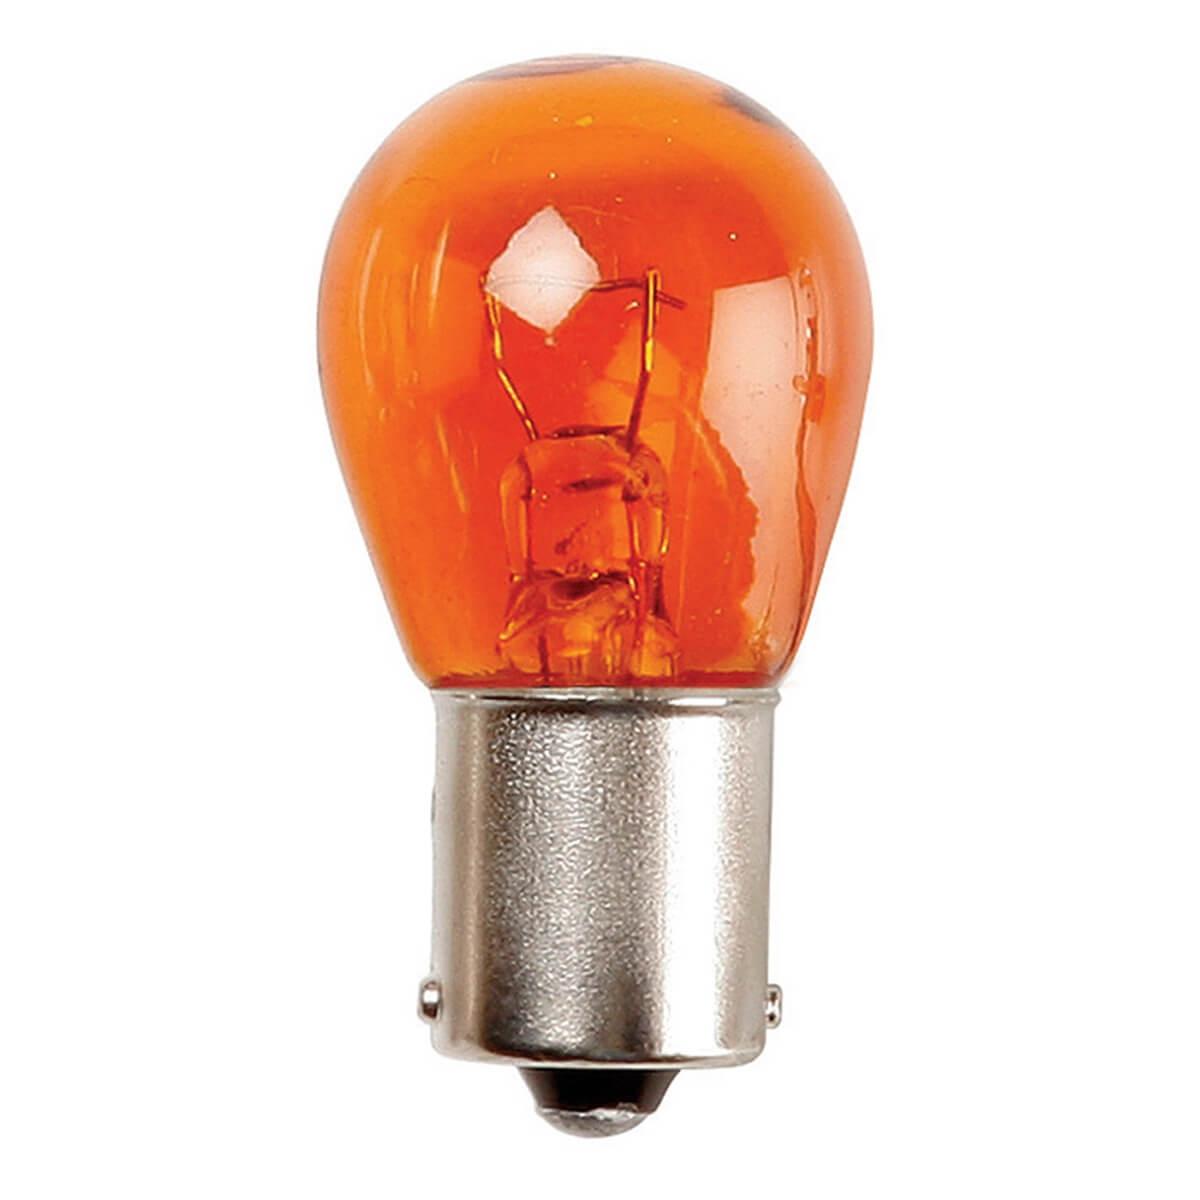 Indicator Bulb